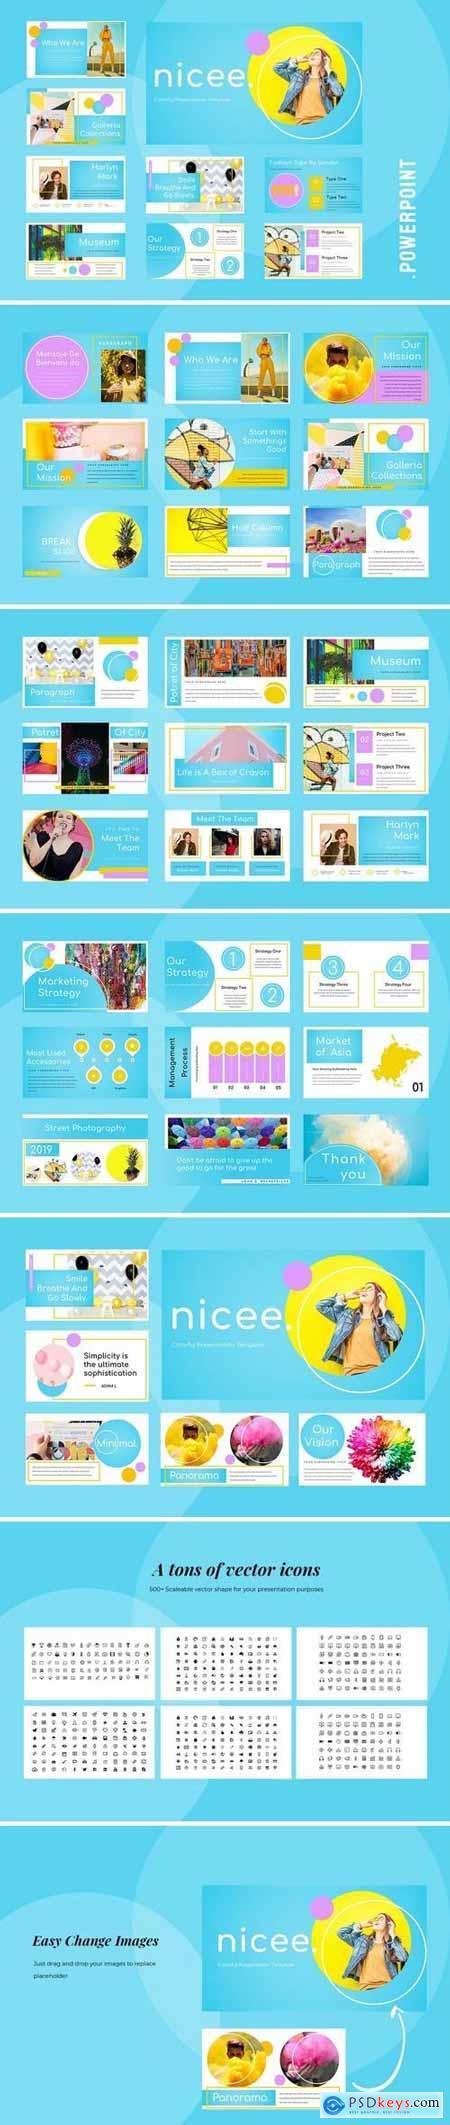 Nicee - Colorful Powerpoint, Keynote, Google Sliders Templates